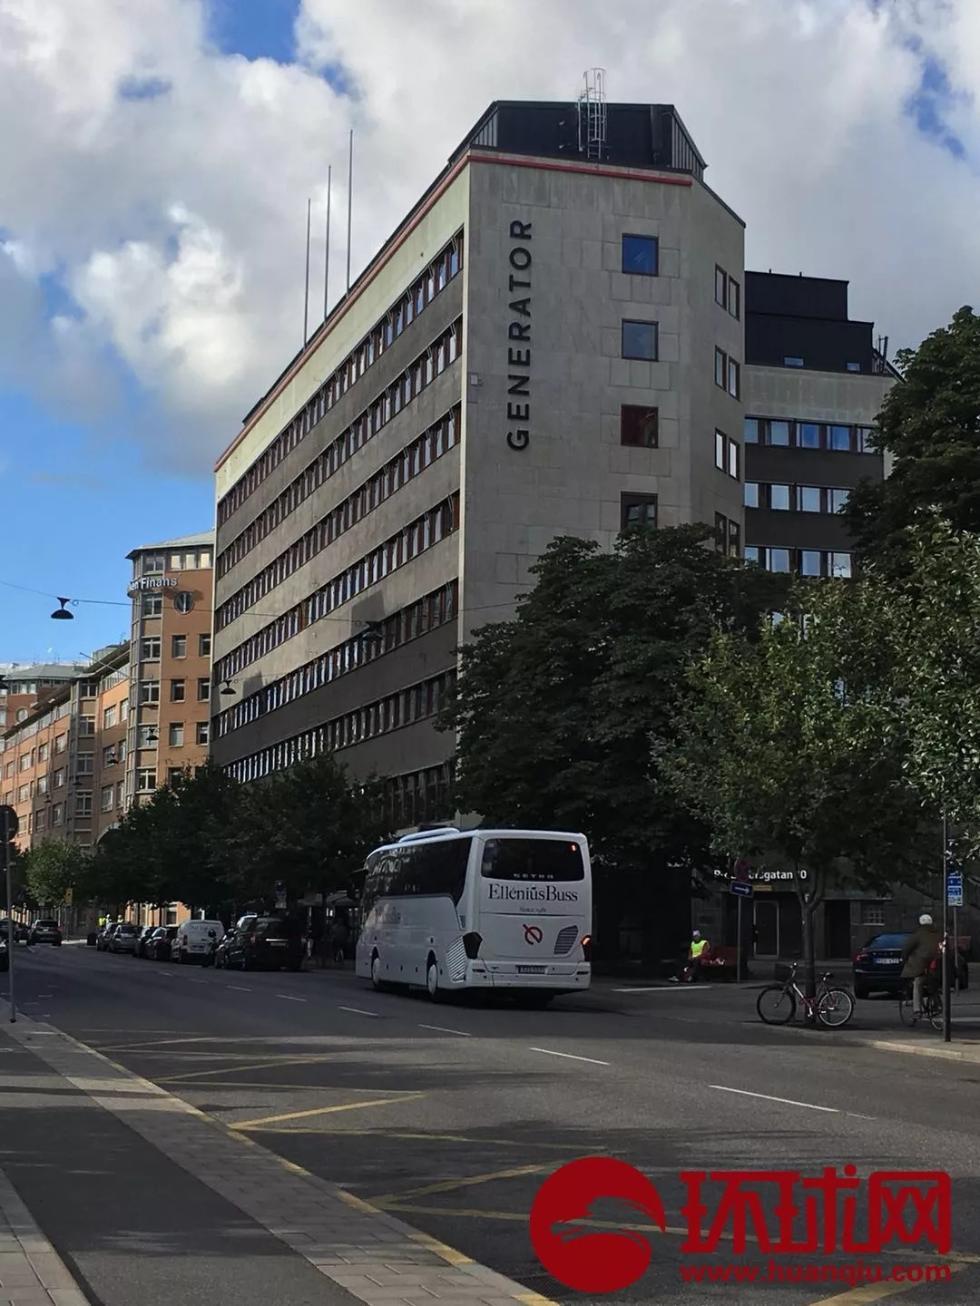 瑞典警察殴打拖拽中国老夫妇事发酒店 记者实证很大